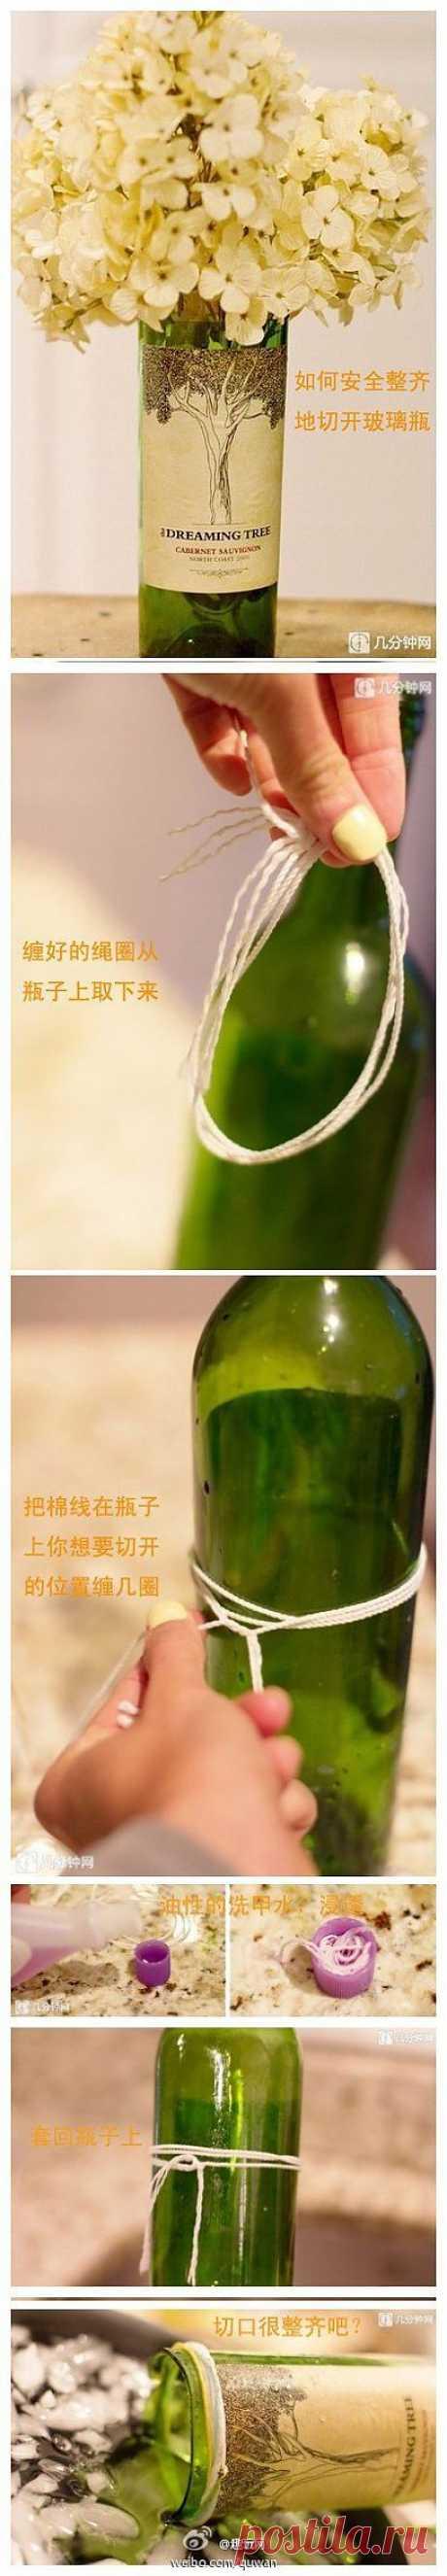 Как ровно разрезать стеклянную бутылку. МК | СДЕЛАЙ САМ!